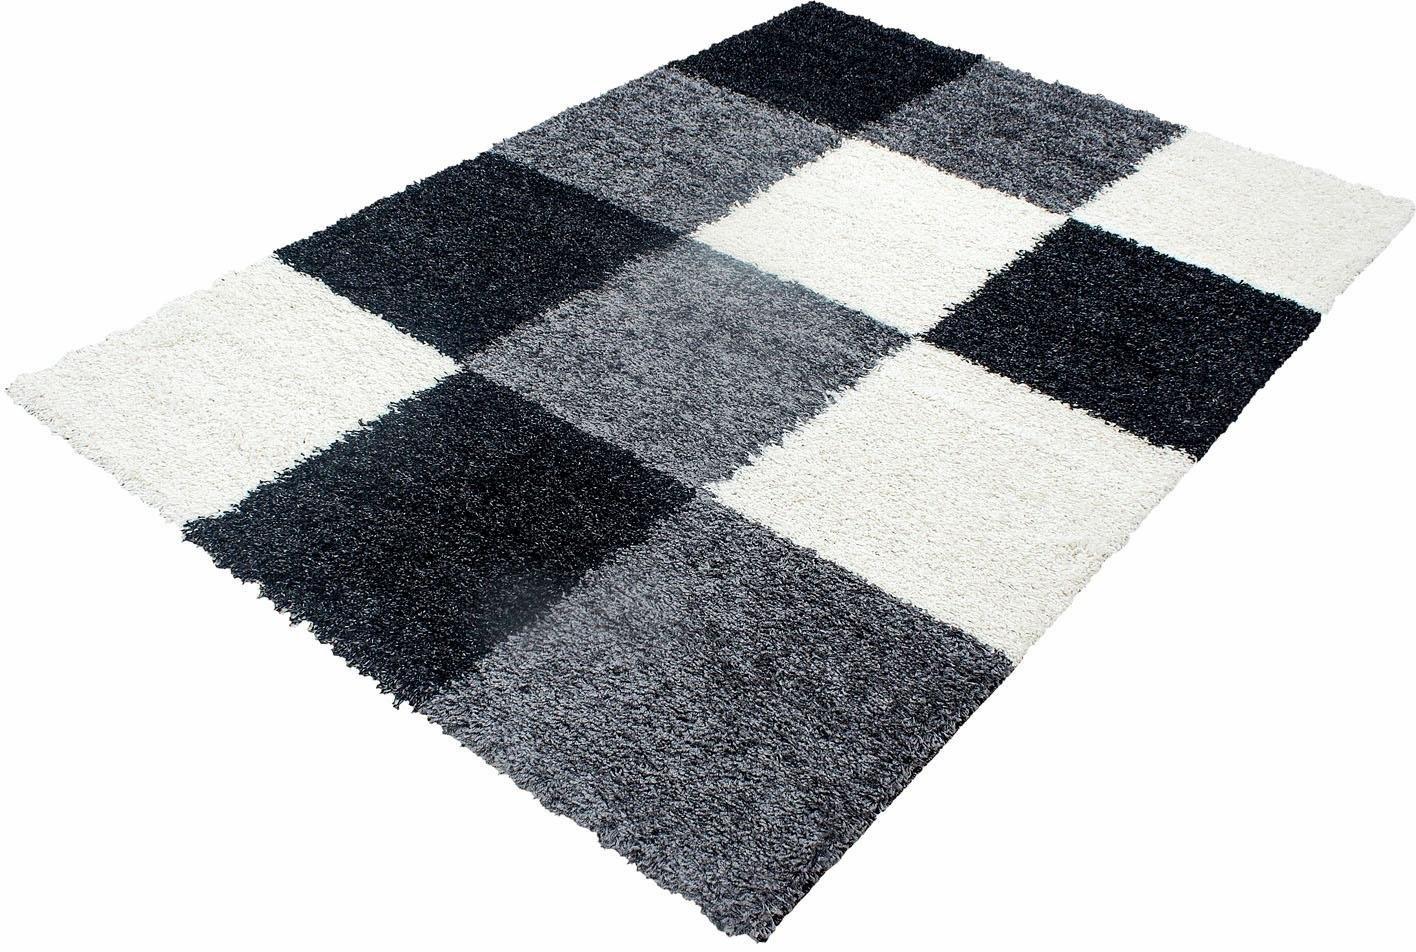 Ayyildiz Teppiche Hoogpolig vloerkleed, 'Life shaggy 1501', hoogte 30 mm bestellen: 30 dagen bedenktijd